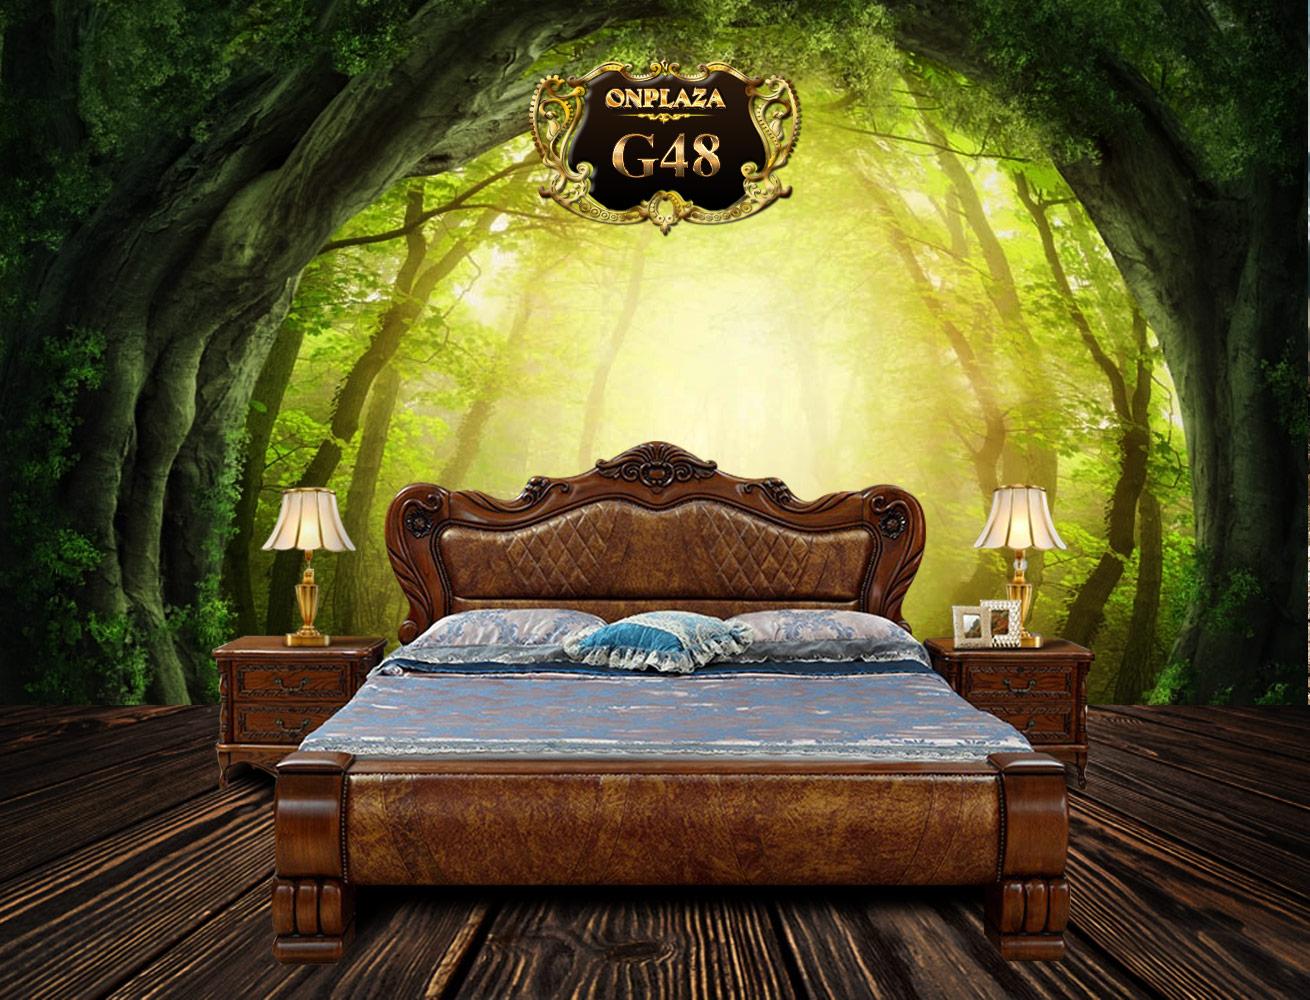 Một số mẫu giường ngủ cao cấp mang lại cho bạn giấc ngủ tuyệt vời